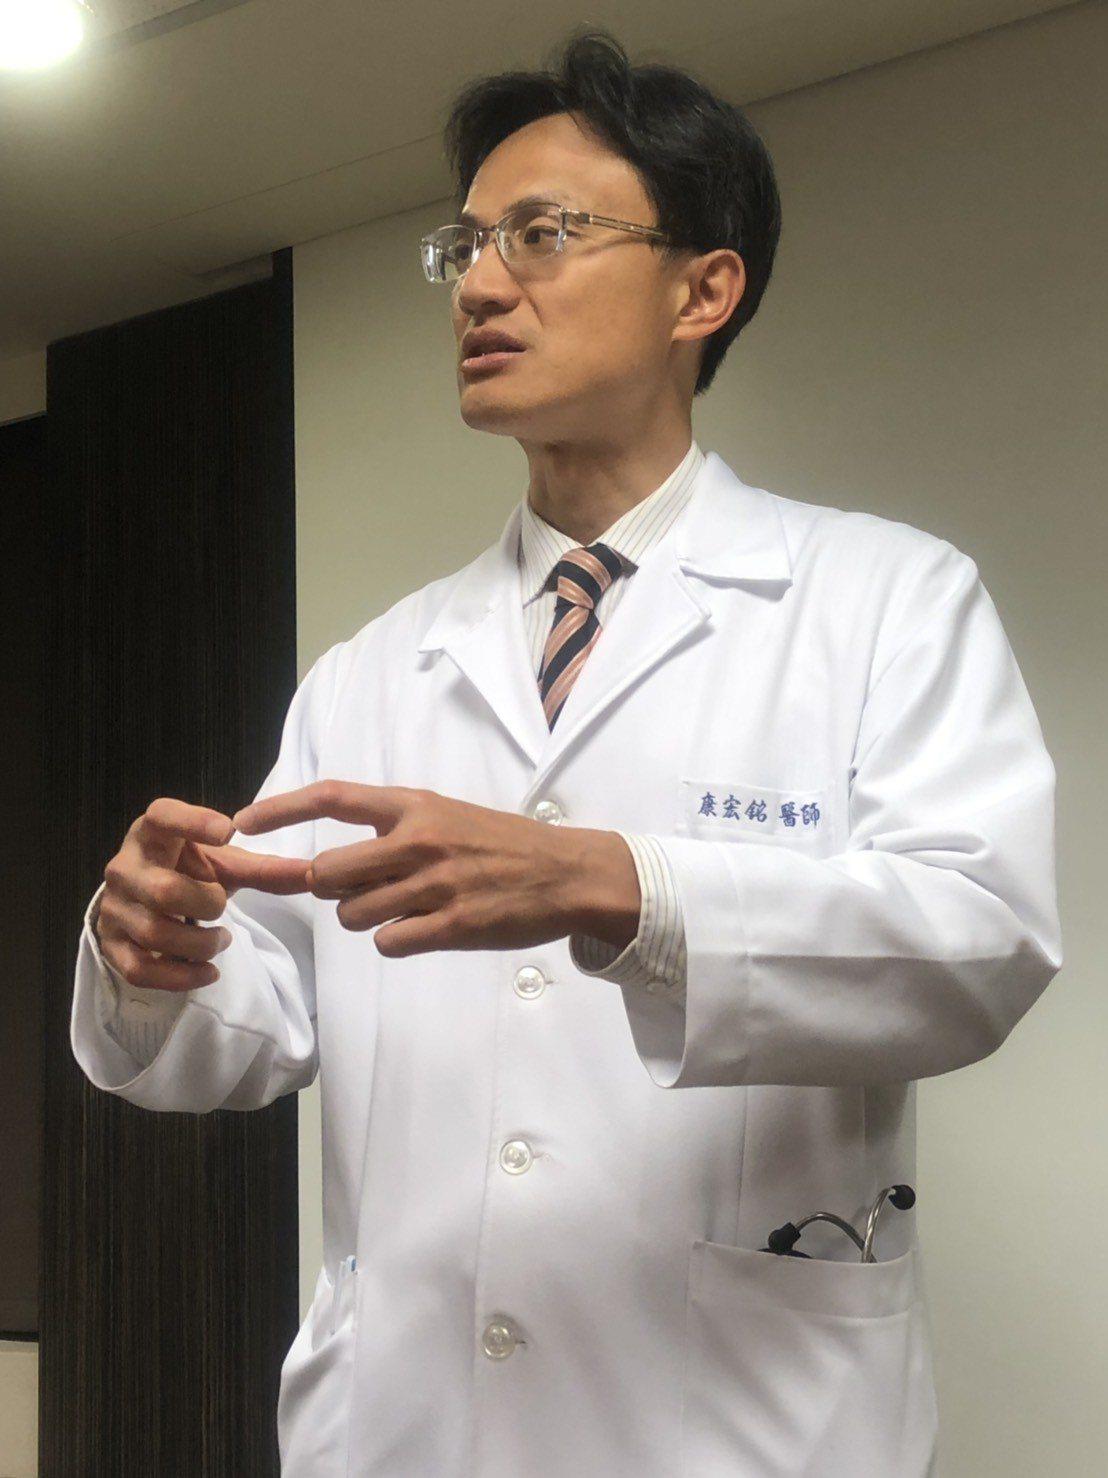 榮新診所主任康宏銘表示,自律神經整體活性愈高,中風、心肌梗塞風險會降低。記者劉嘉...